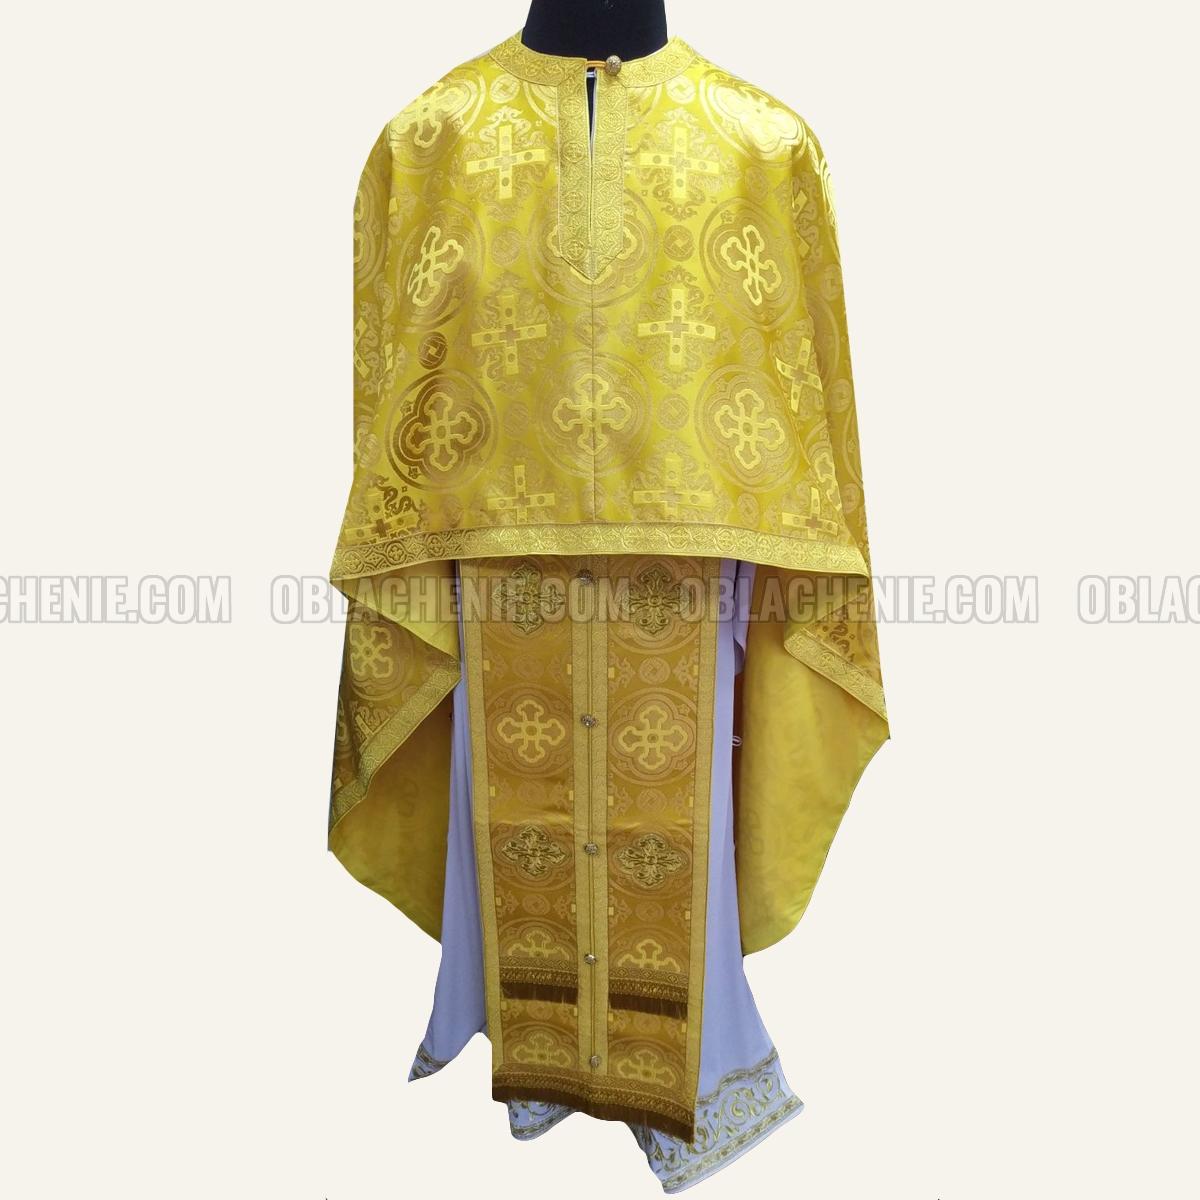 PRIEST'S VESTMENTS 10977